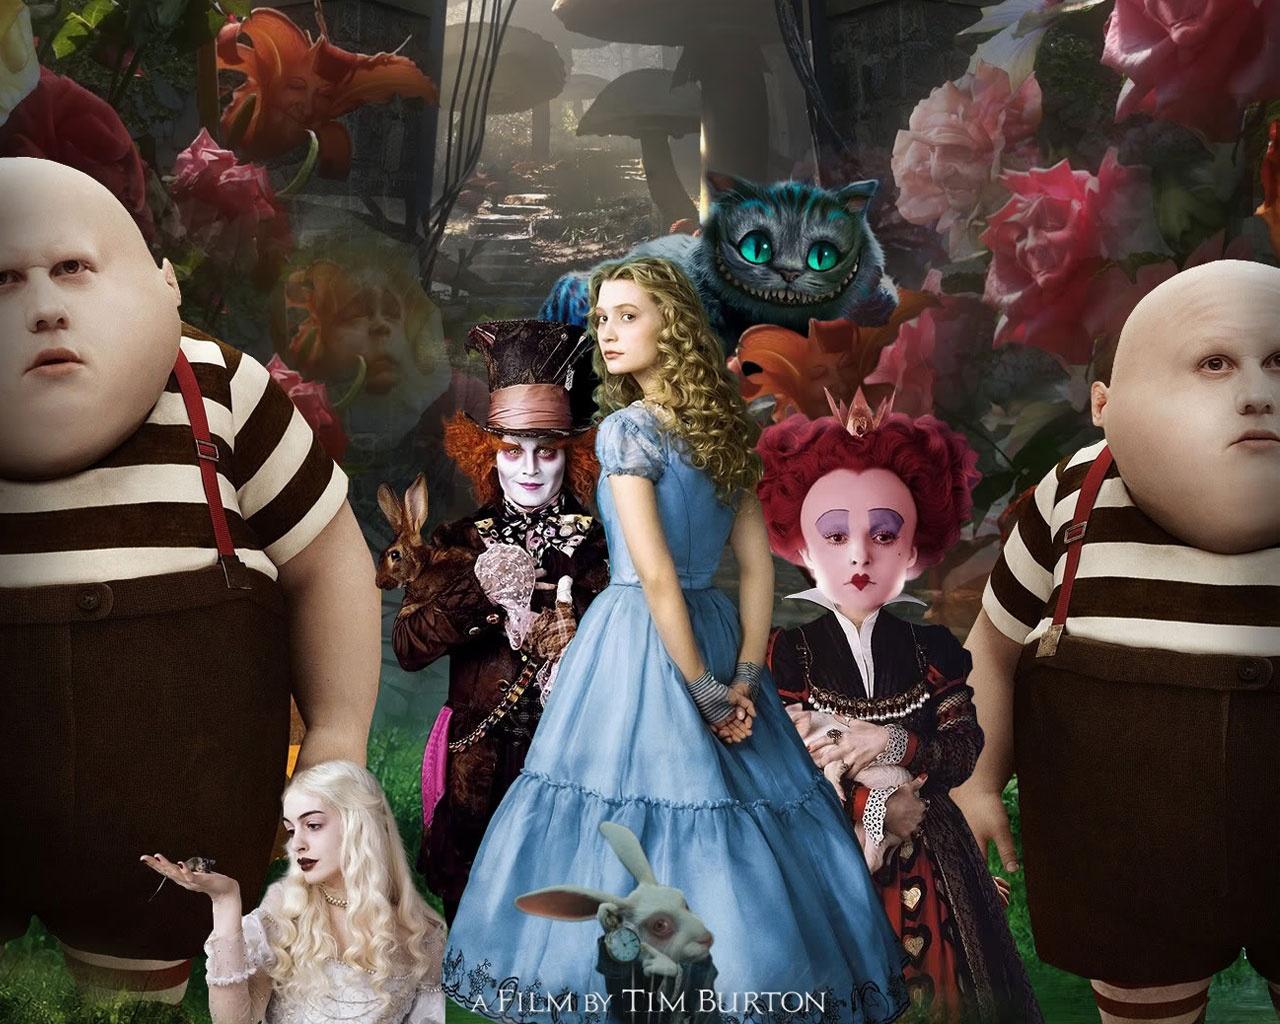 http://4.bp.blogspot.com/-tjQUlfxKrYM/TmS3fR3OEzI/AAAAAAAAAZU/L5bTkJ7JSmM/s1600/Alice-In-Wonderland-Wallpapers-4.jpg